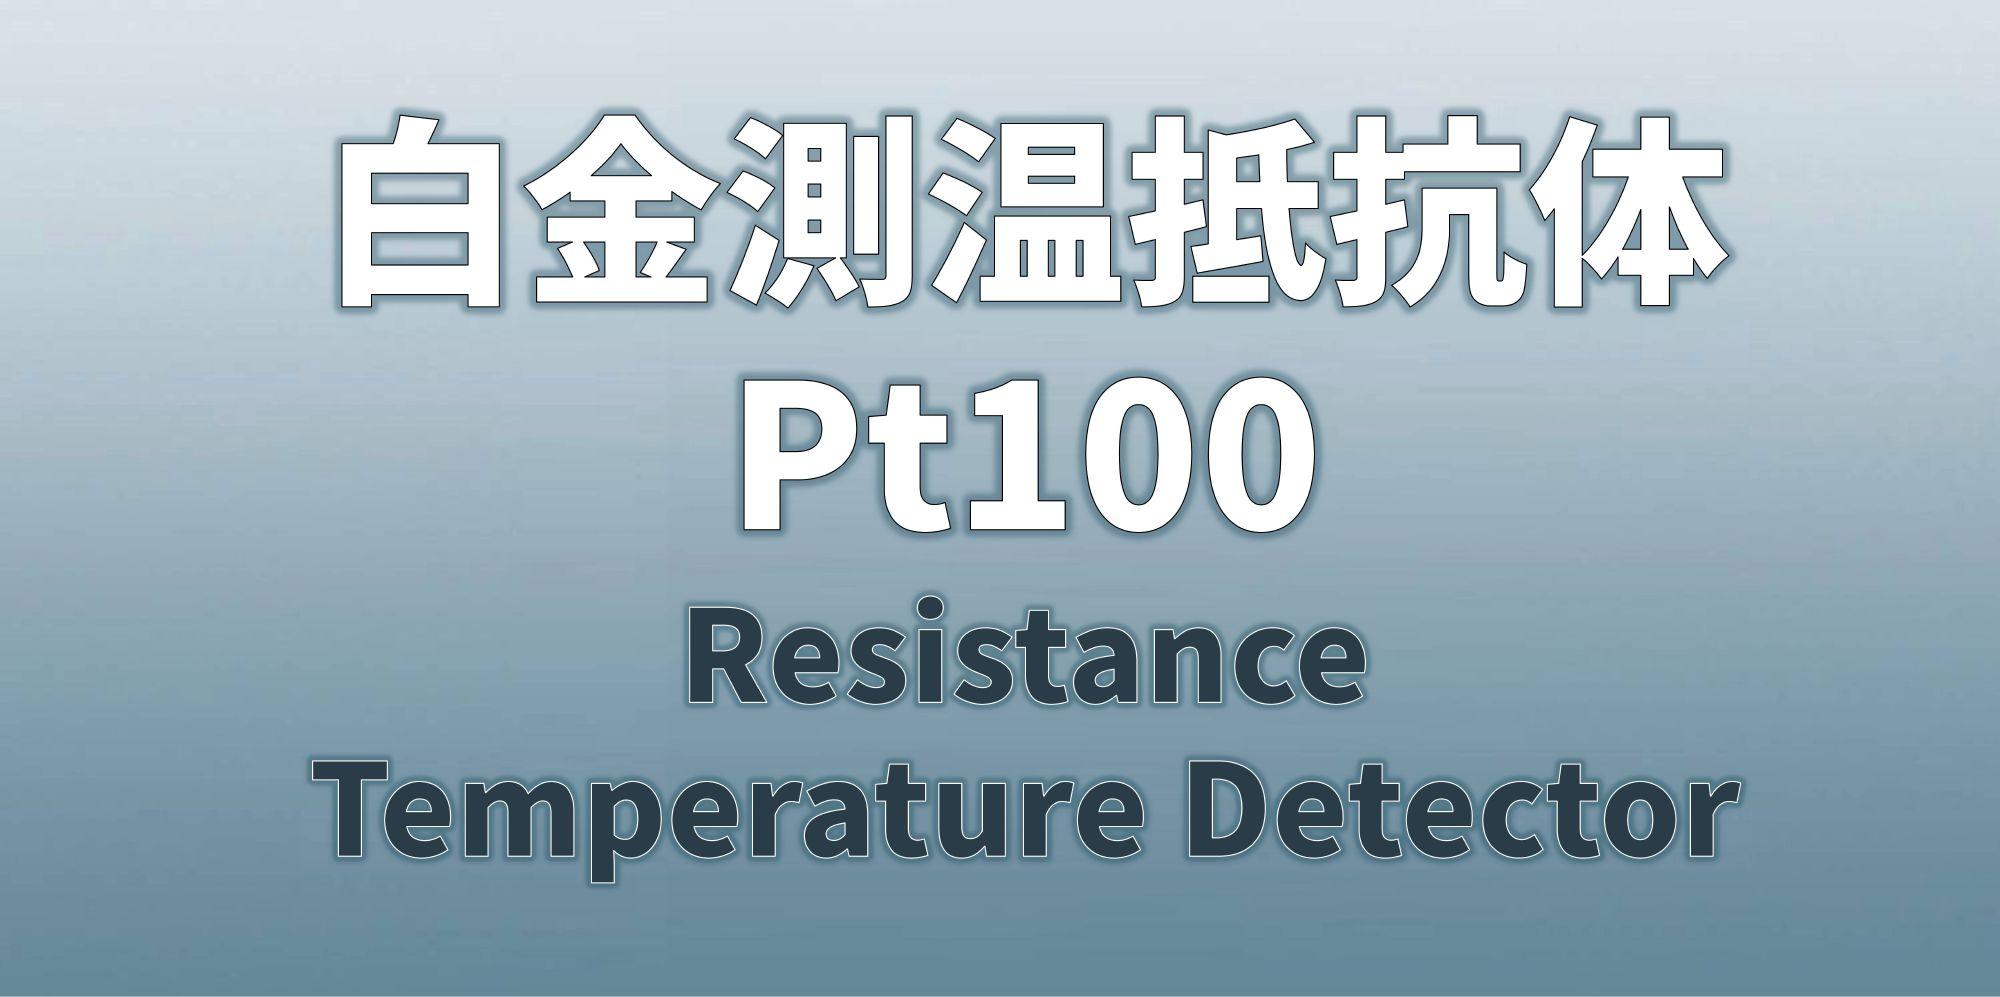 jp_PT100_thmbnail_2.jpg